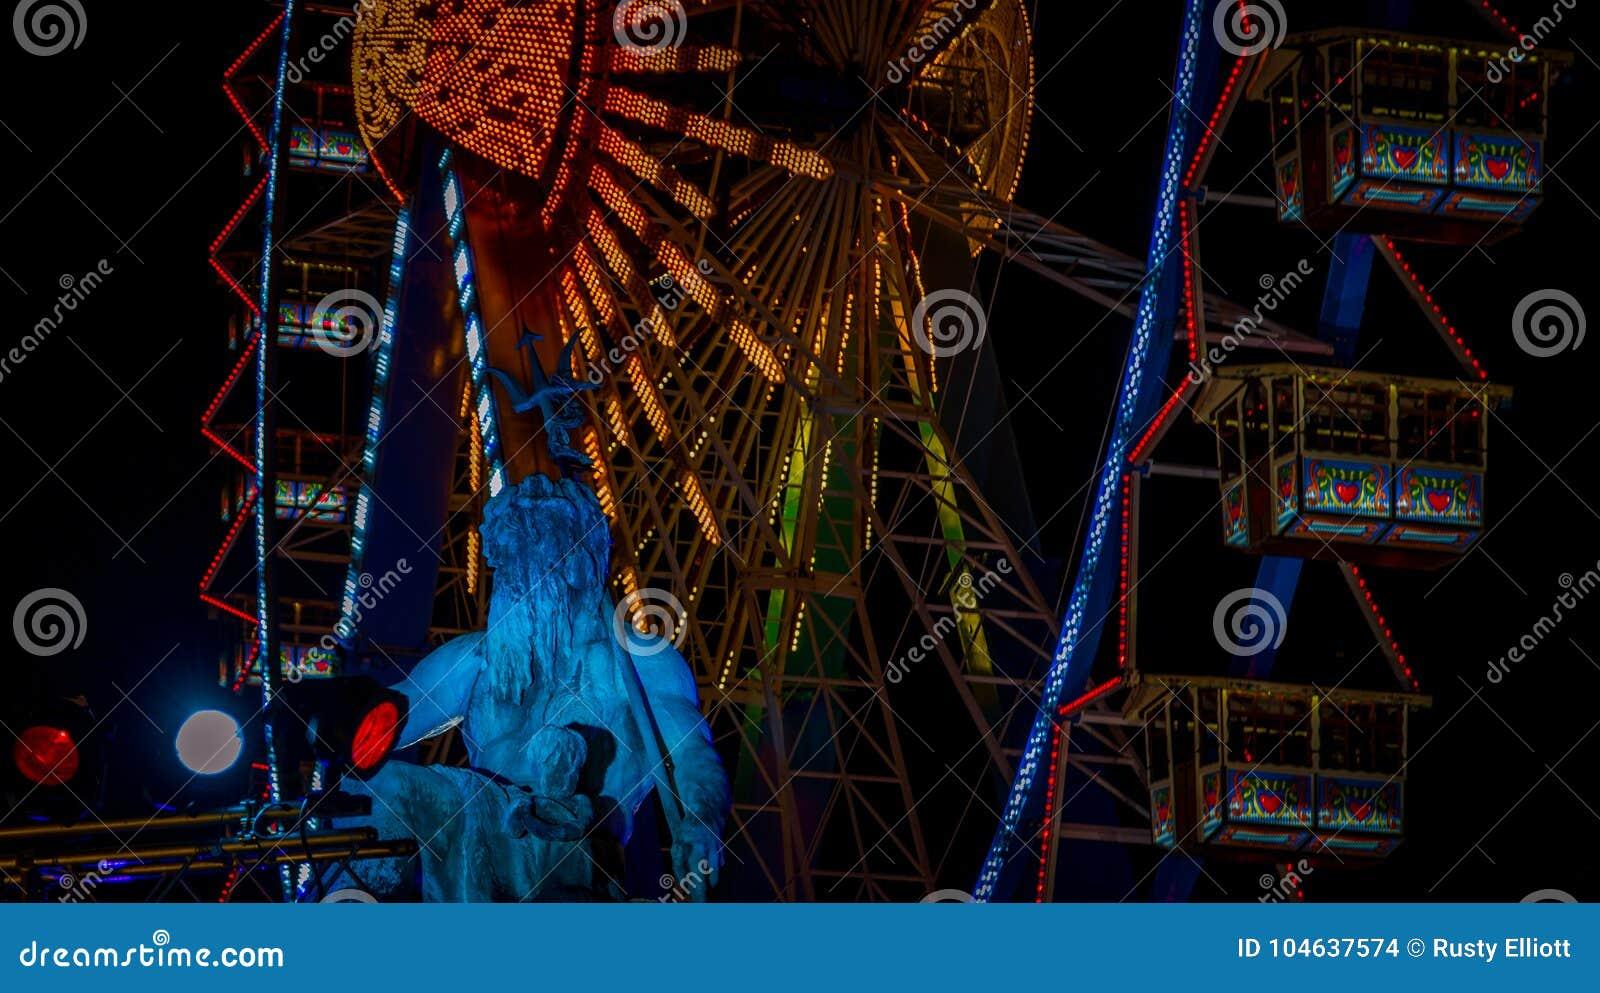 Download Reuzenrad Bij De Kerstmismarkt Stock Foto - Afbeelding bestaande uit wiel, ferris: 104637574